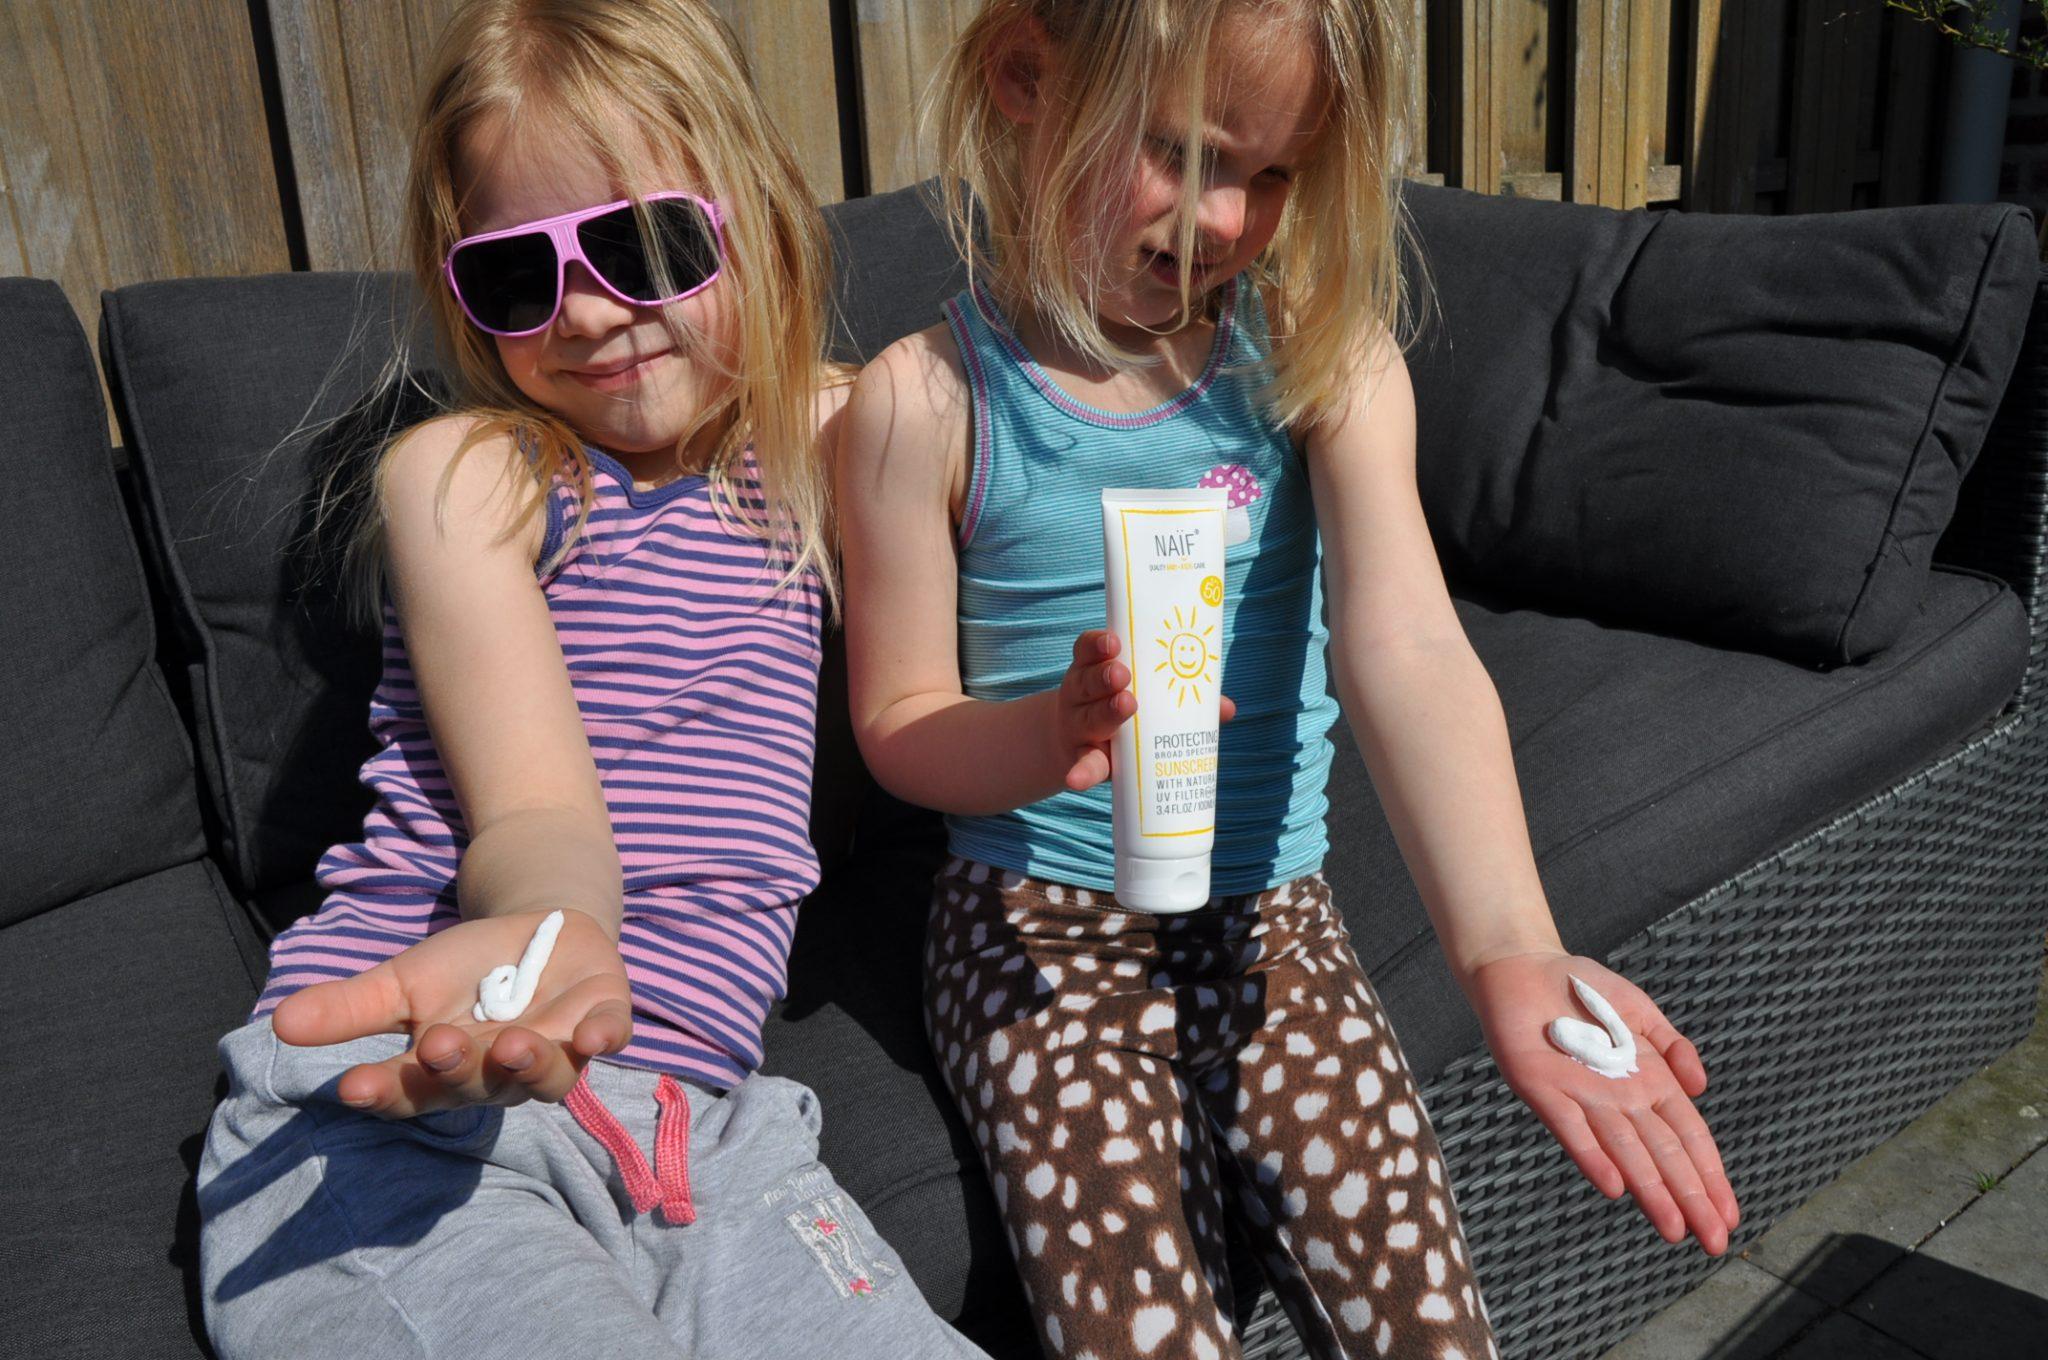 naif zonnebrand en after sun